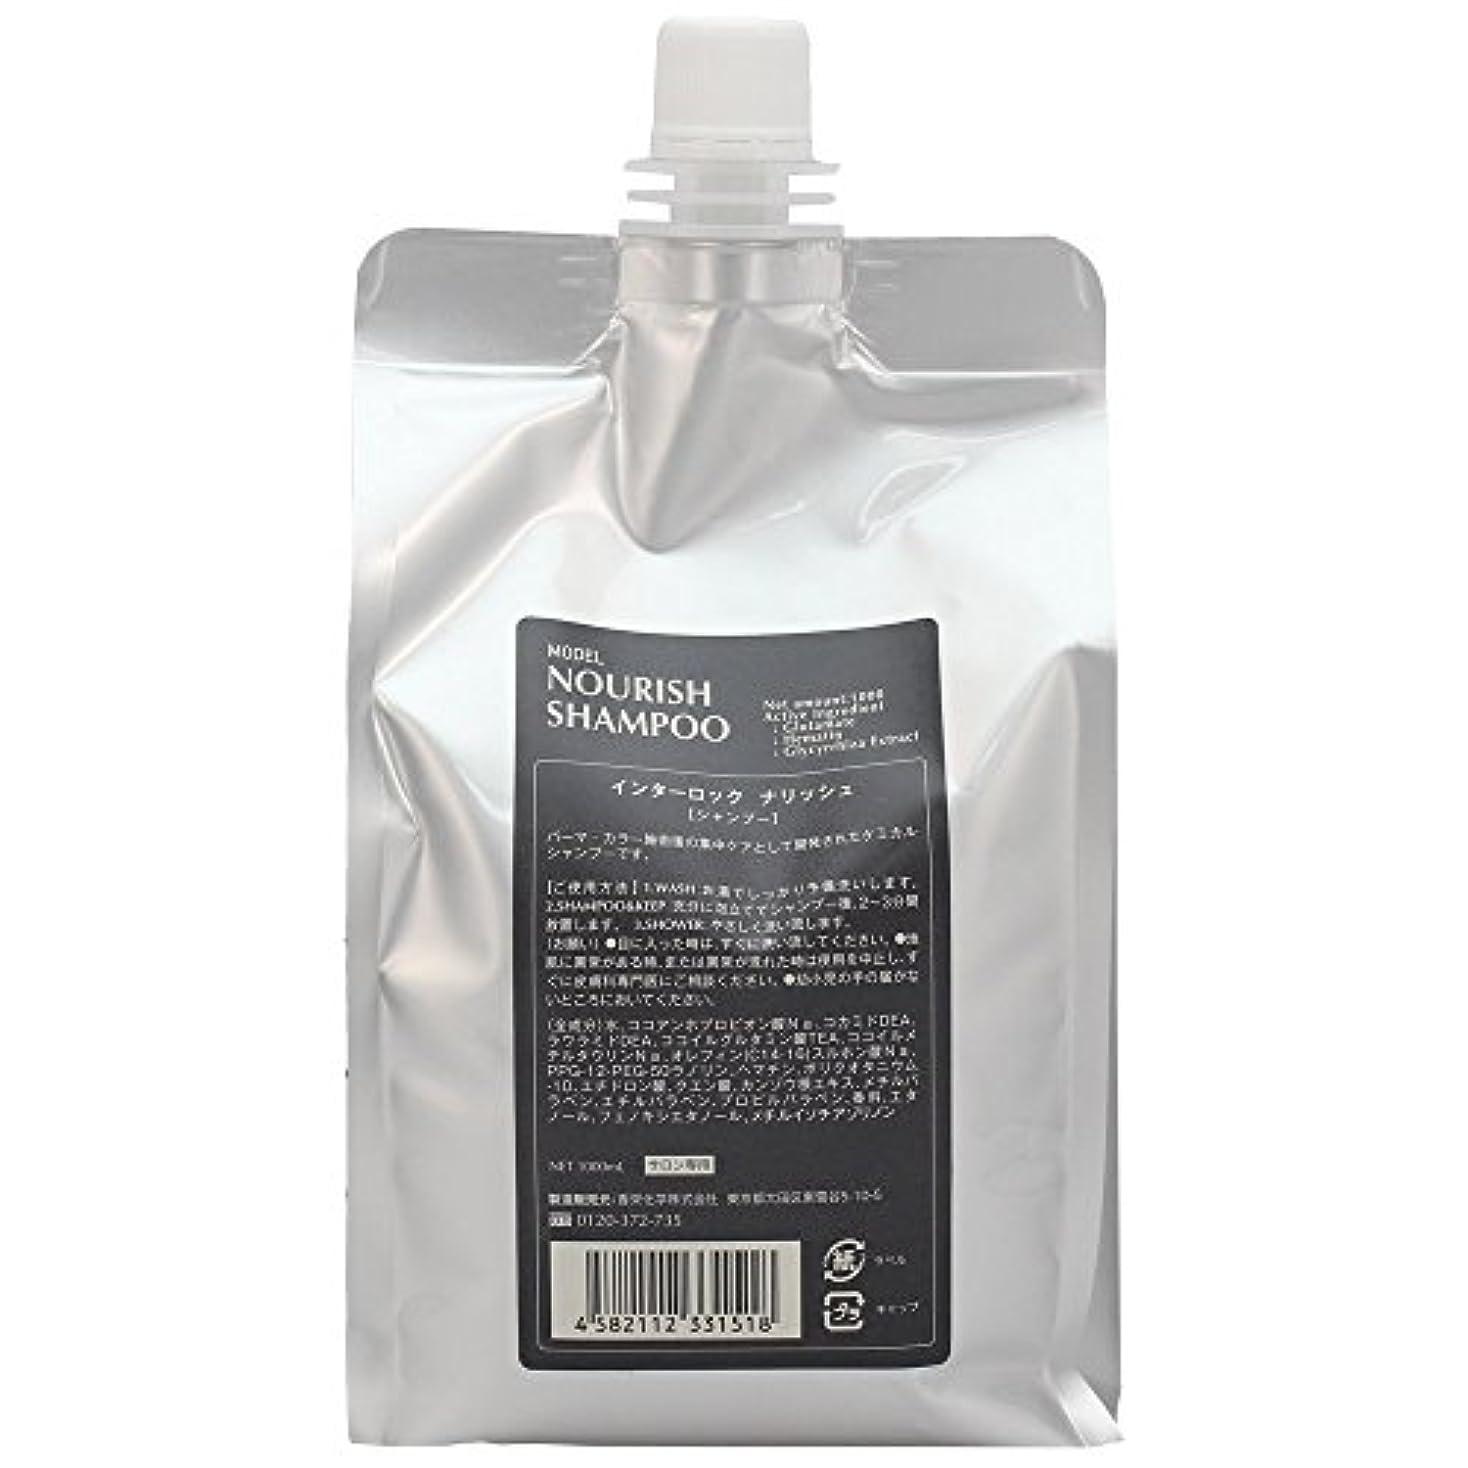 マリンスパークバンケット香栄化学 ナリッシュシャンプー レフィル 1000ml